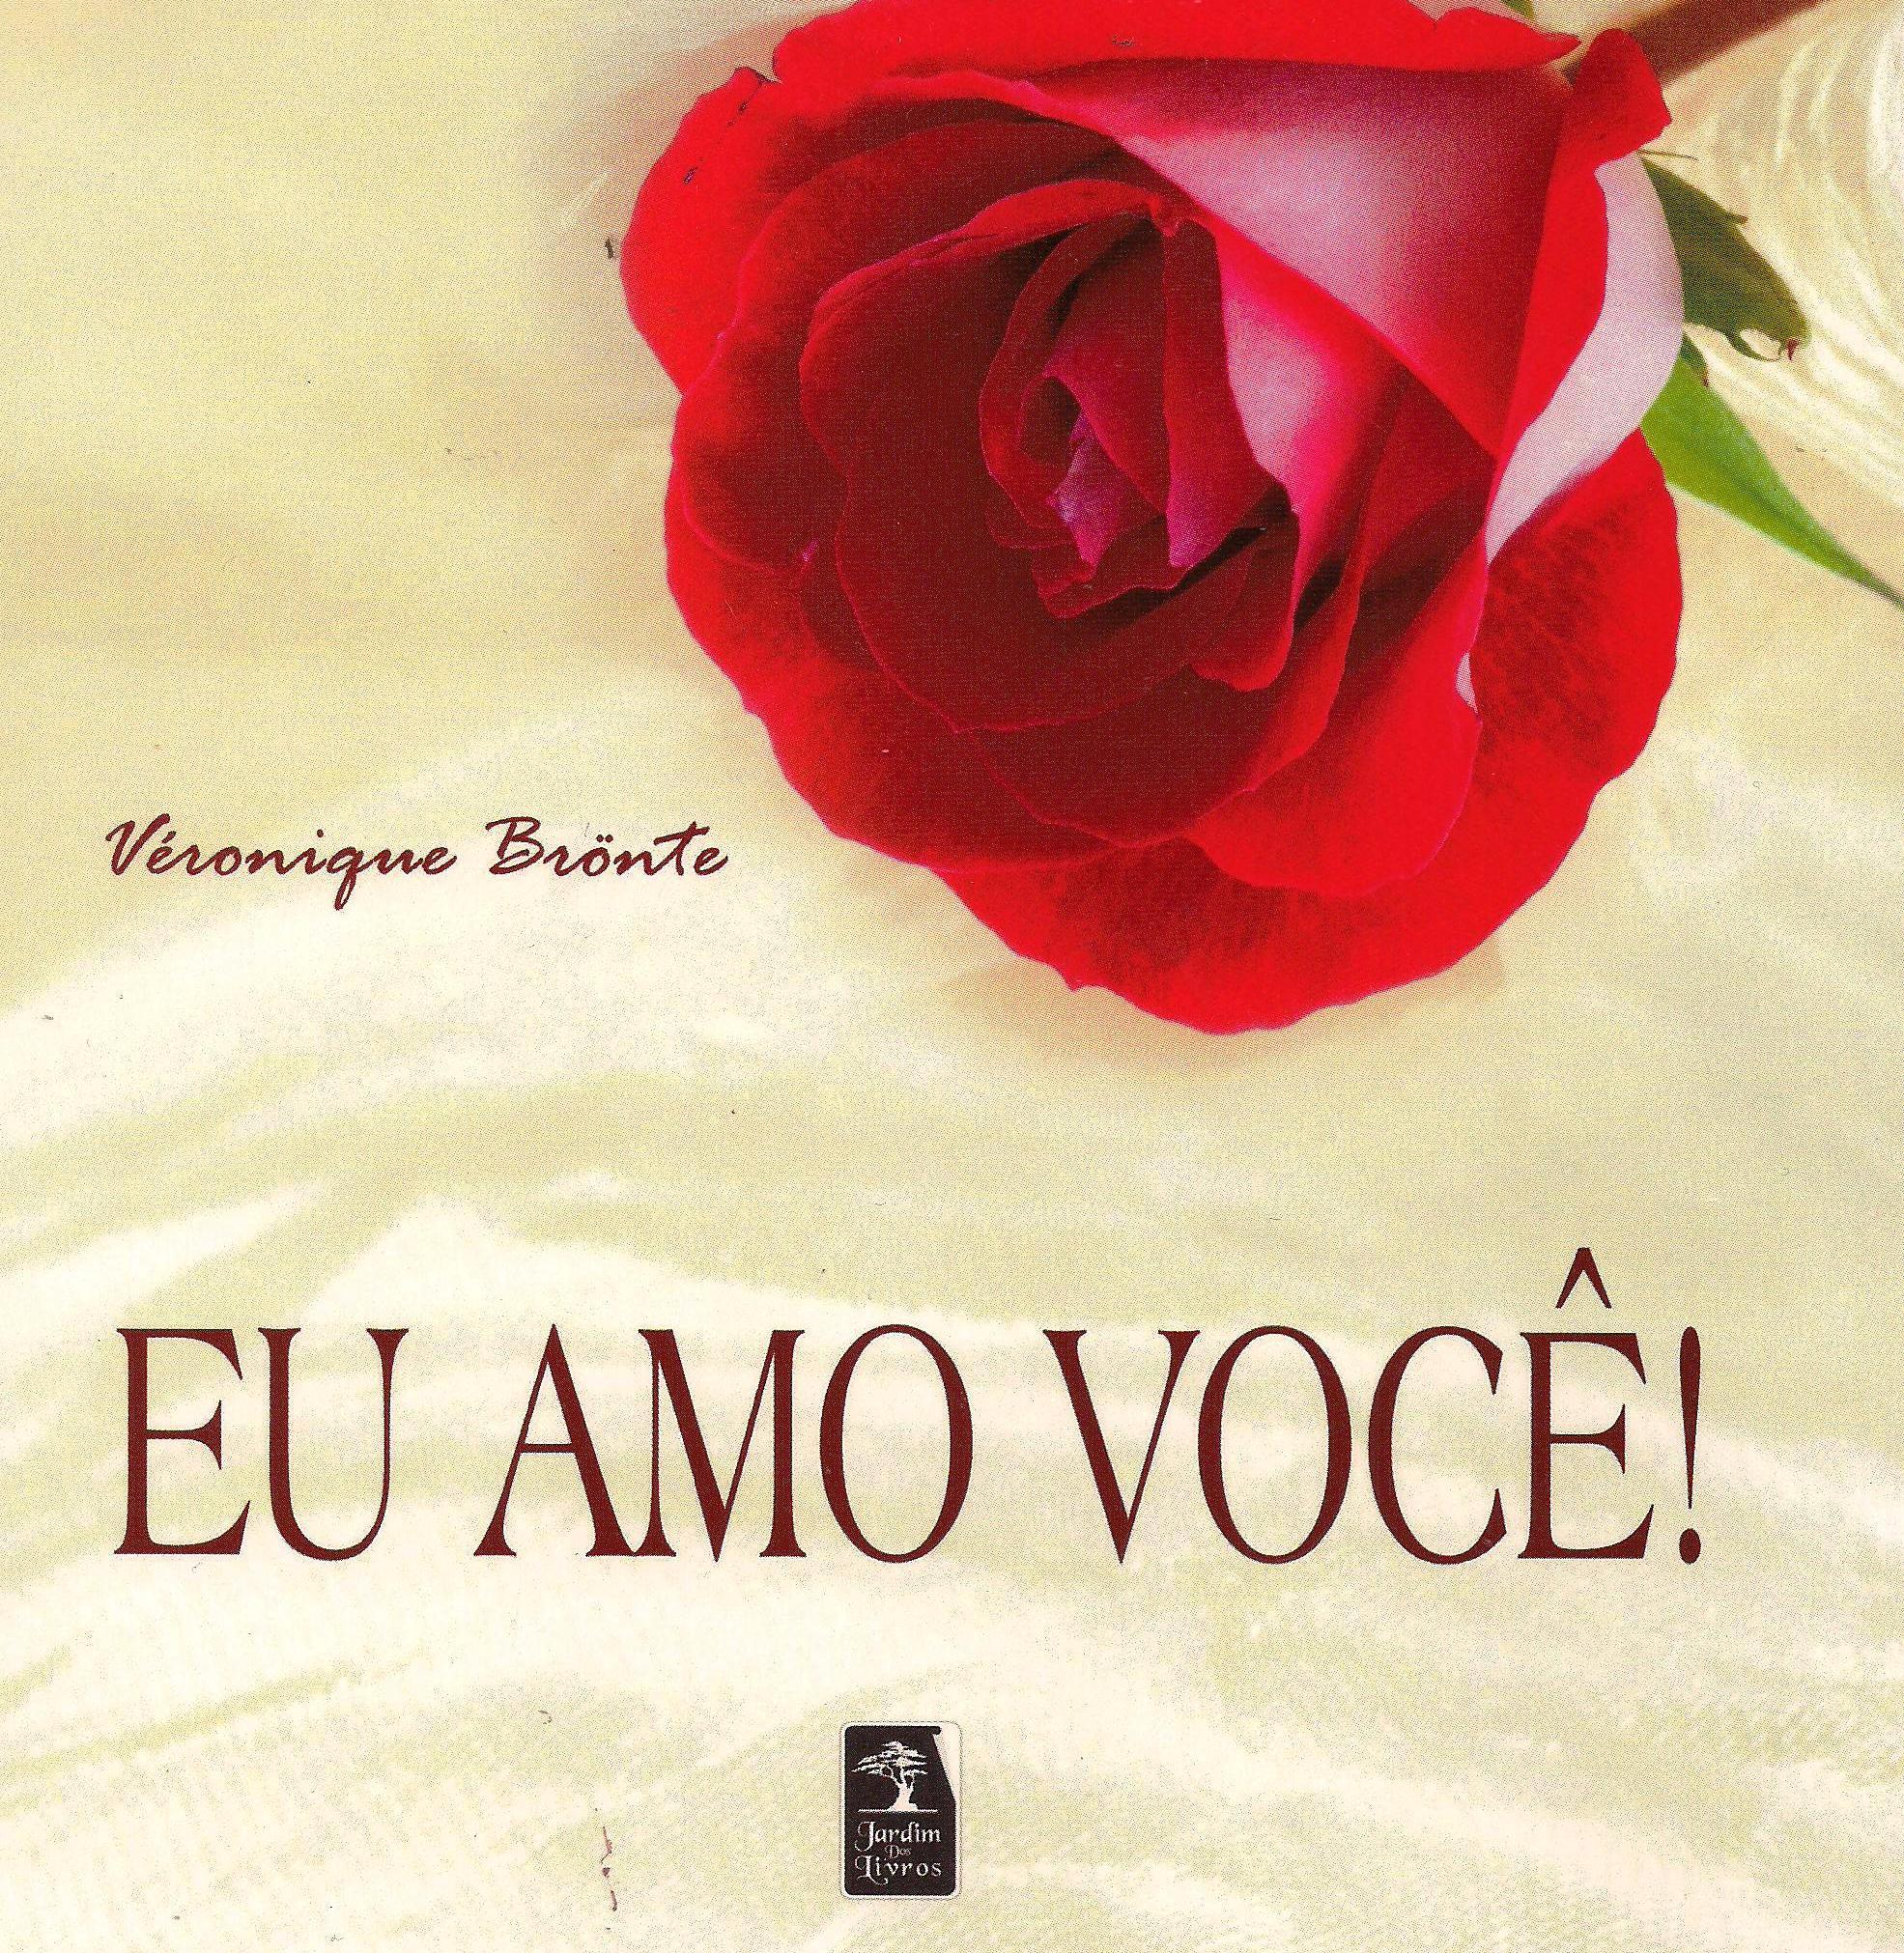 eu_amo_voce